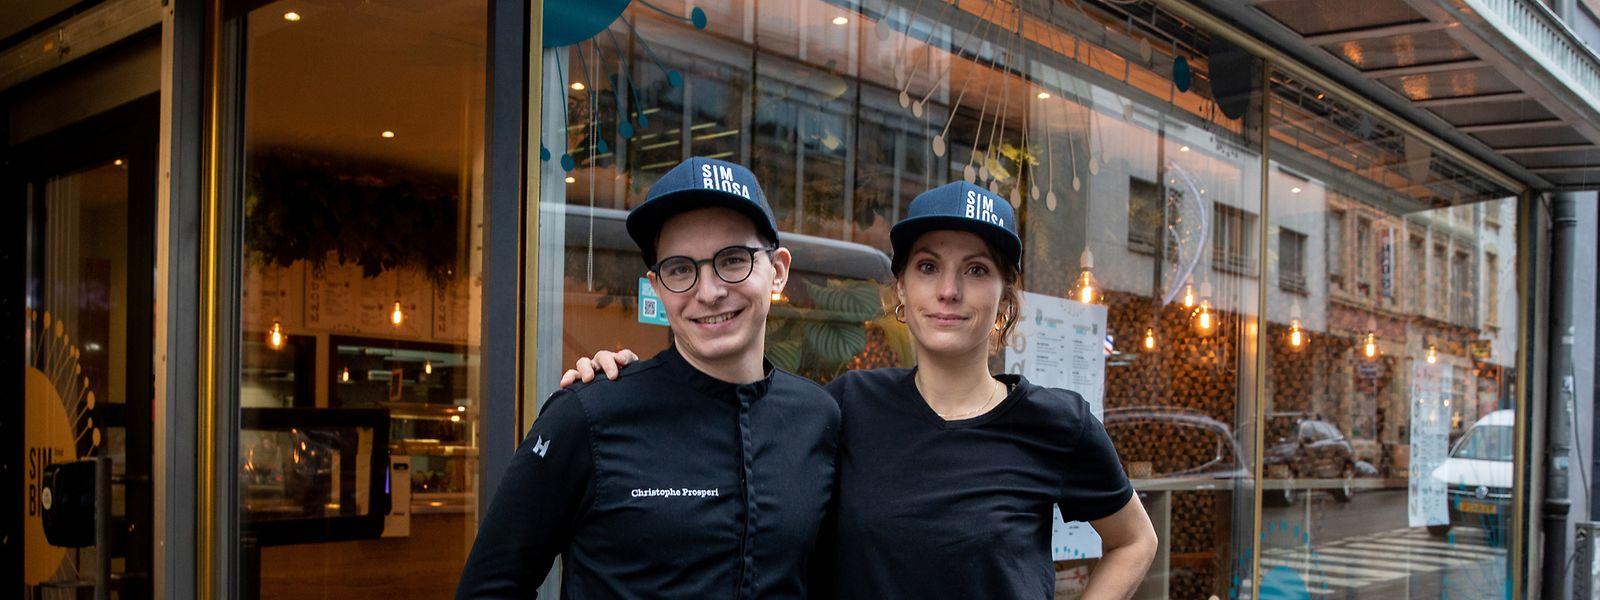 """Christophe Prosperi (l.) und Stéphanie Reuter vor dem Restaurant """"Simbiosa""""."""